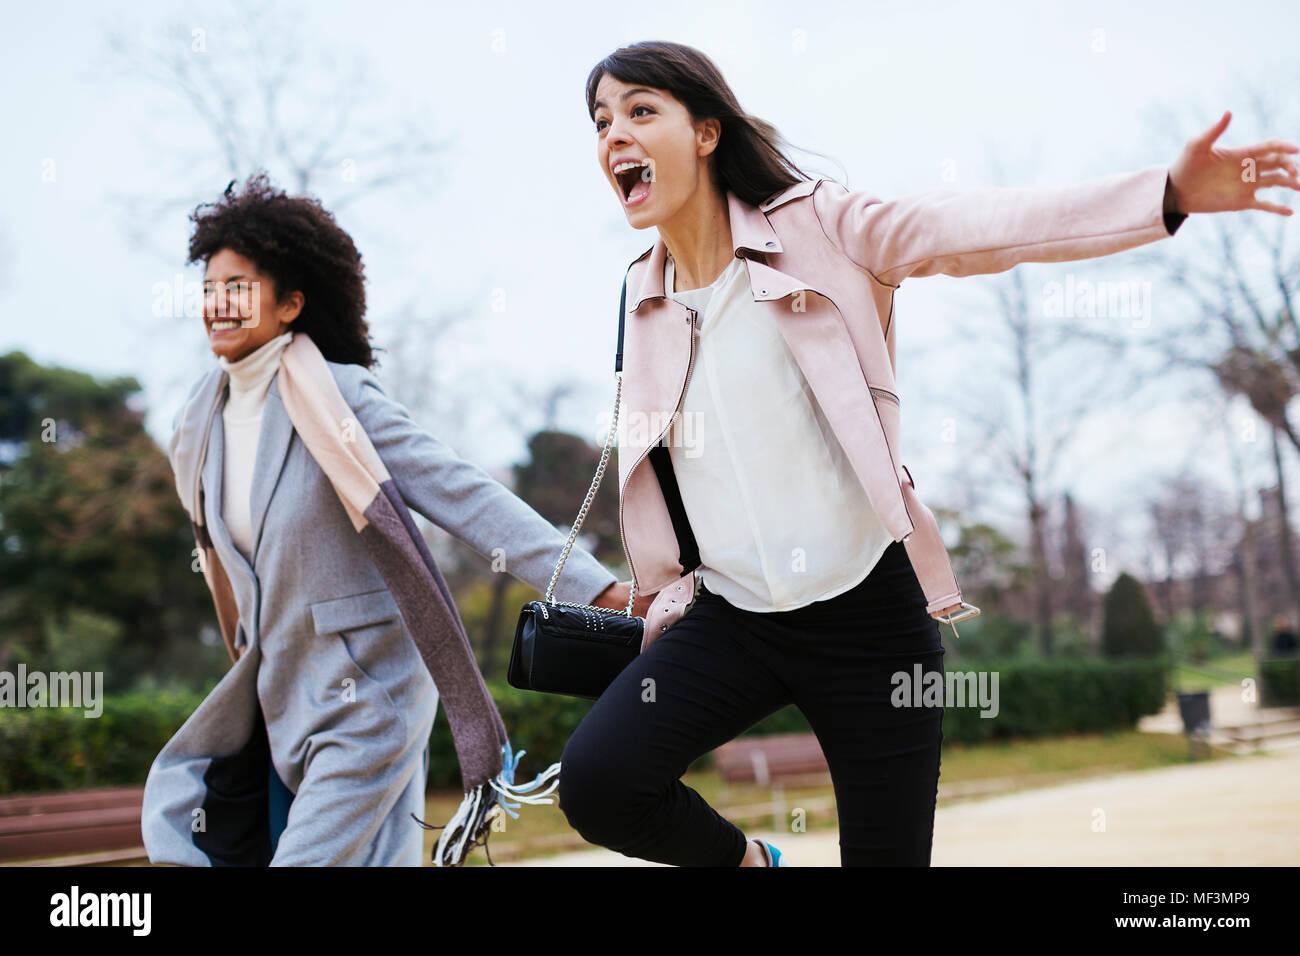 Spain, Barcelona, two exuberant women running in city park - Stock Image